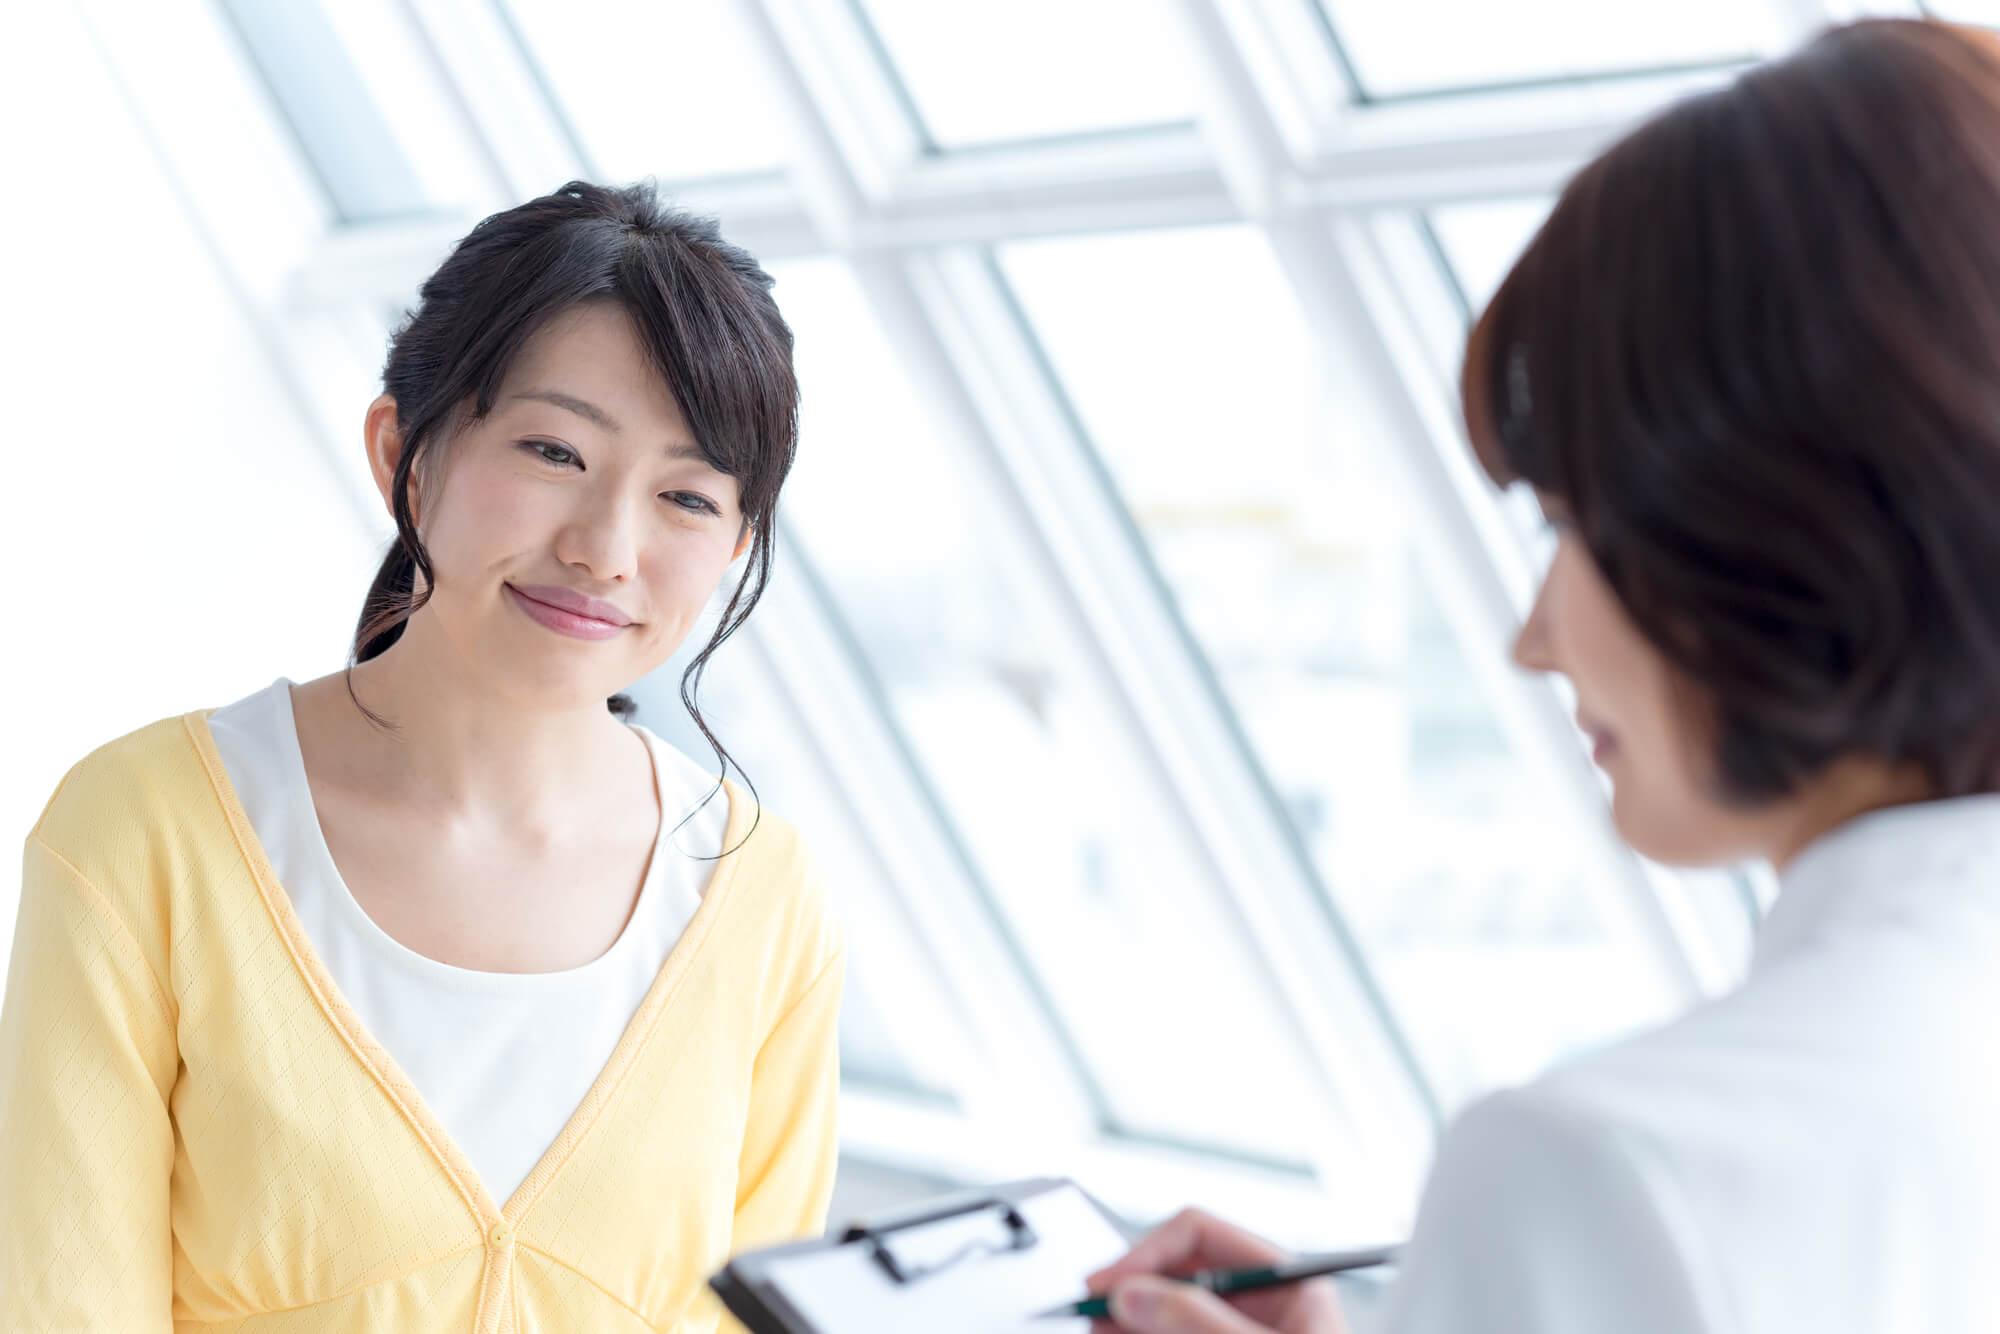 女性カウンセラーに悩みや問題を相談する女性クライアント